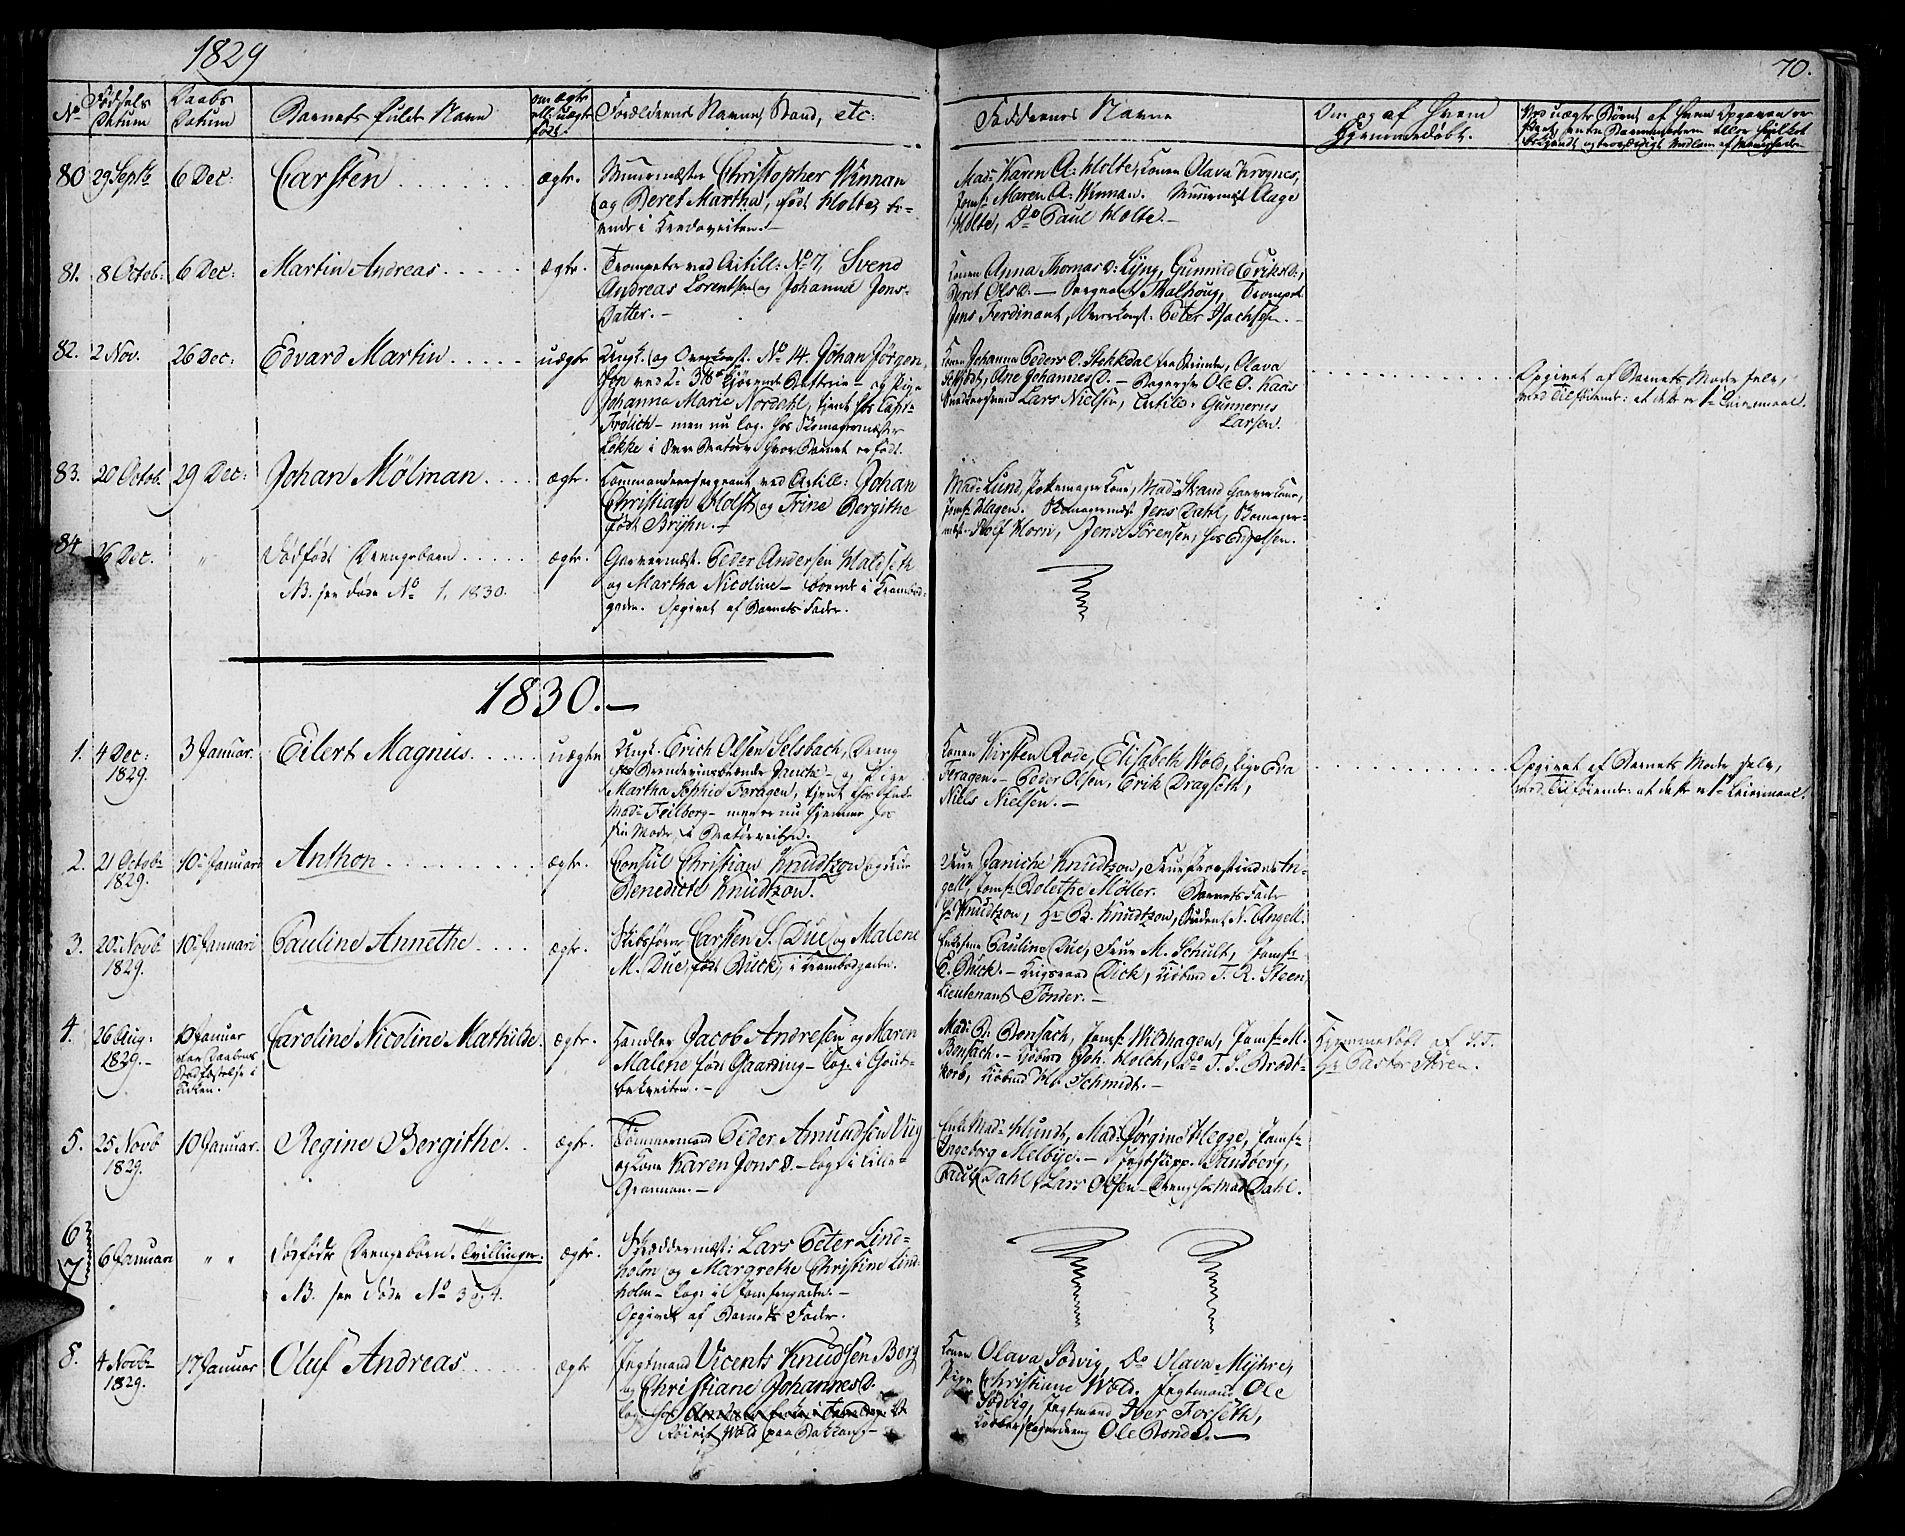 SAT, Ministerialprotokoller, klokkerbøker og fødselsregistre - Sør-Trøndelag, 602/L0108: Ministerialbok nr. 602A06, 1821-1839, s. 70